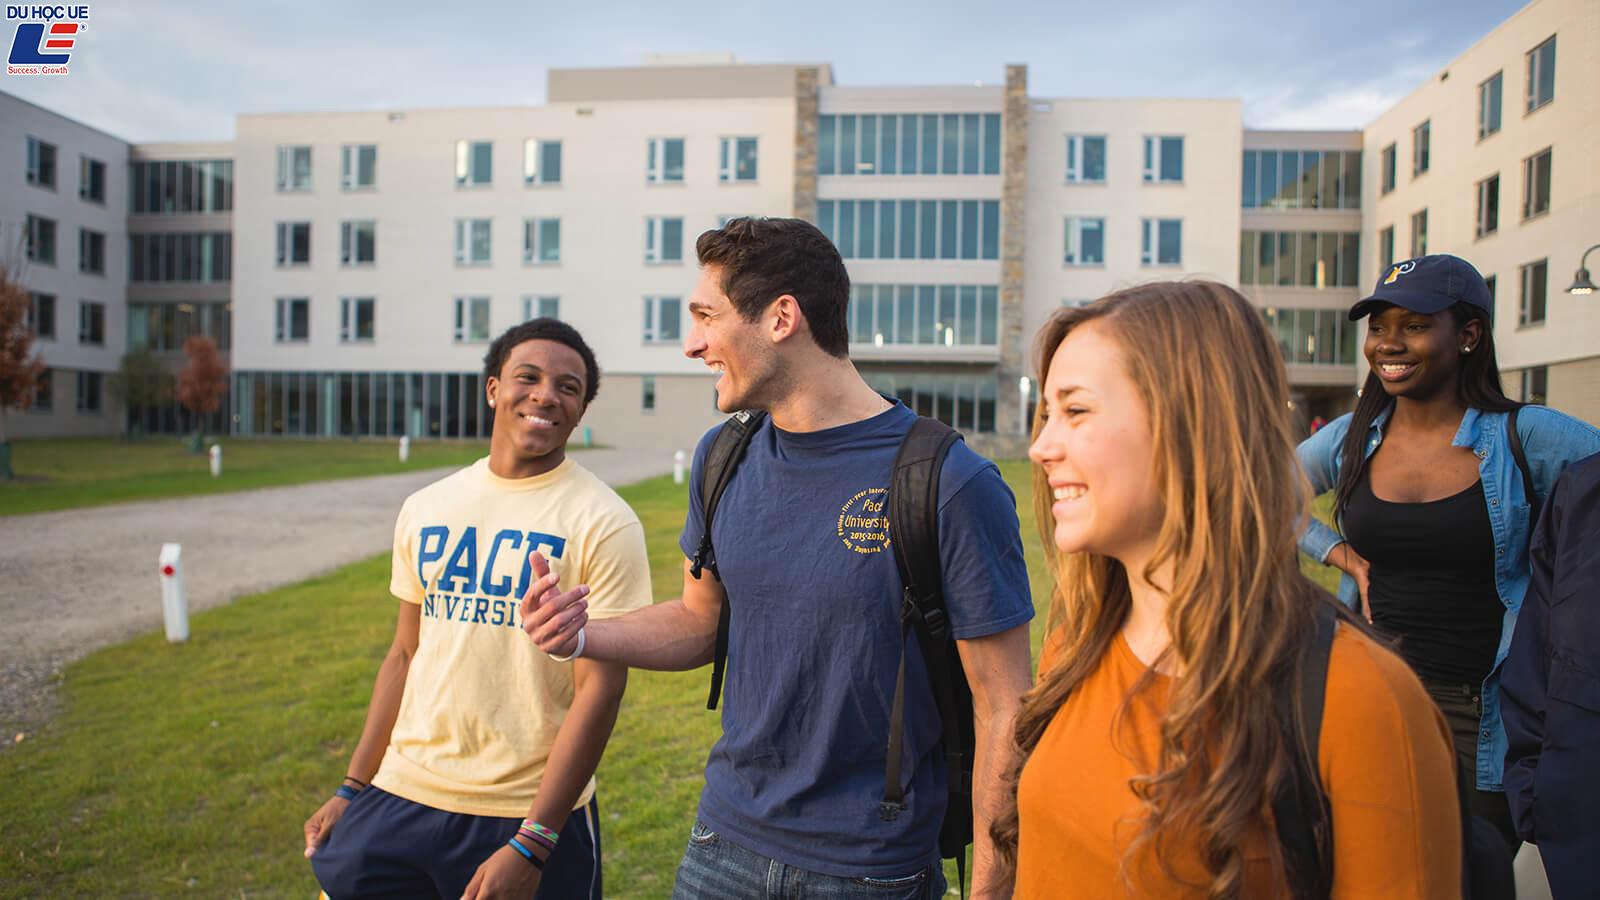 Du học Mỹ cùng Pace University, cơ hội nhận học bổng lên đến 29.500 USD